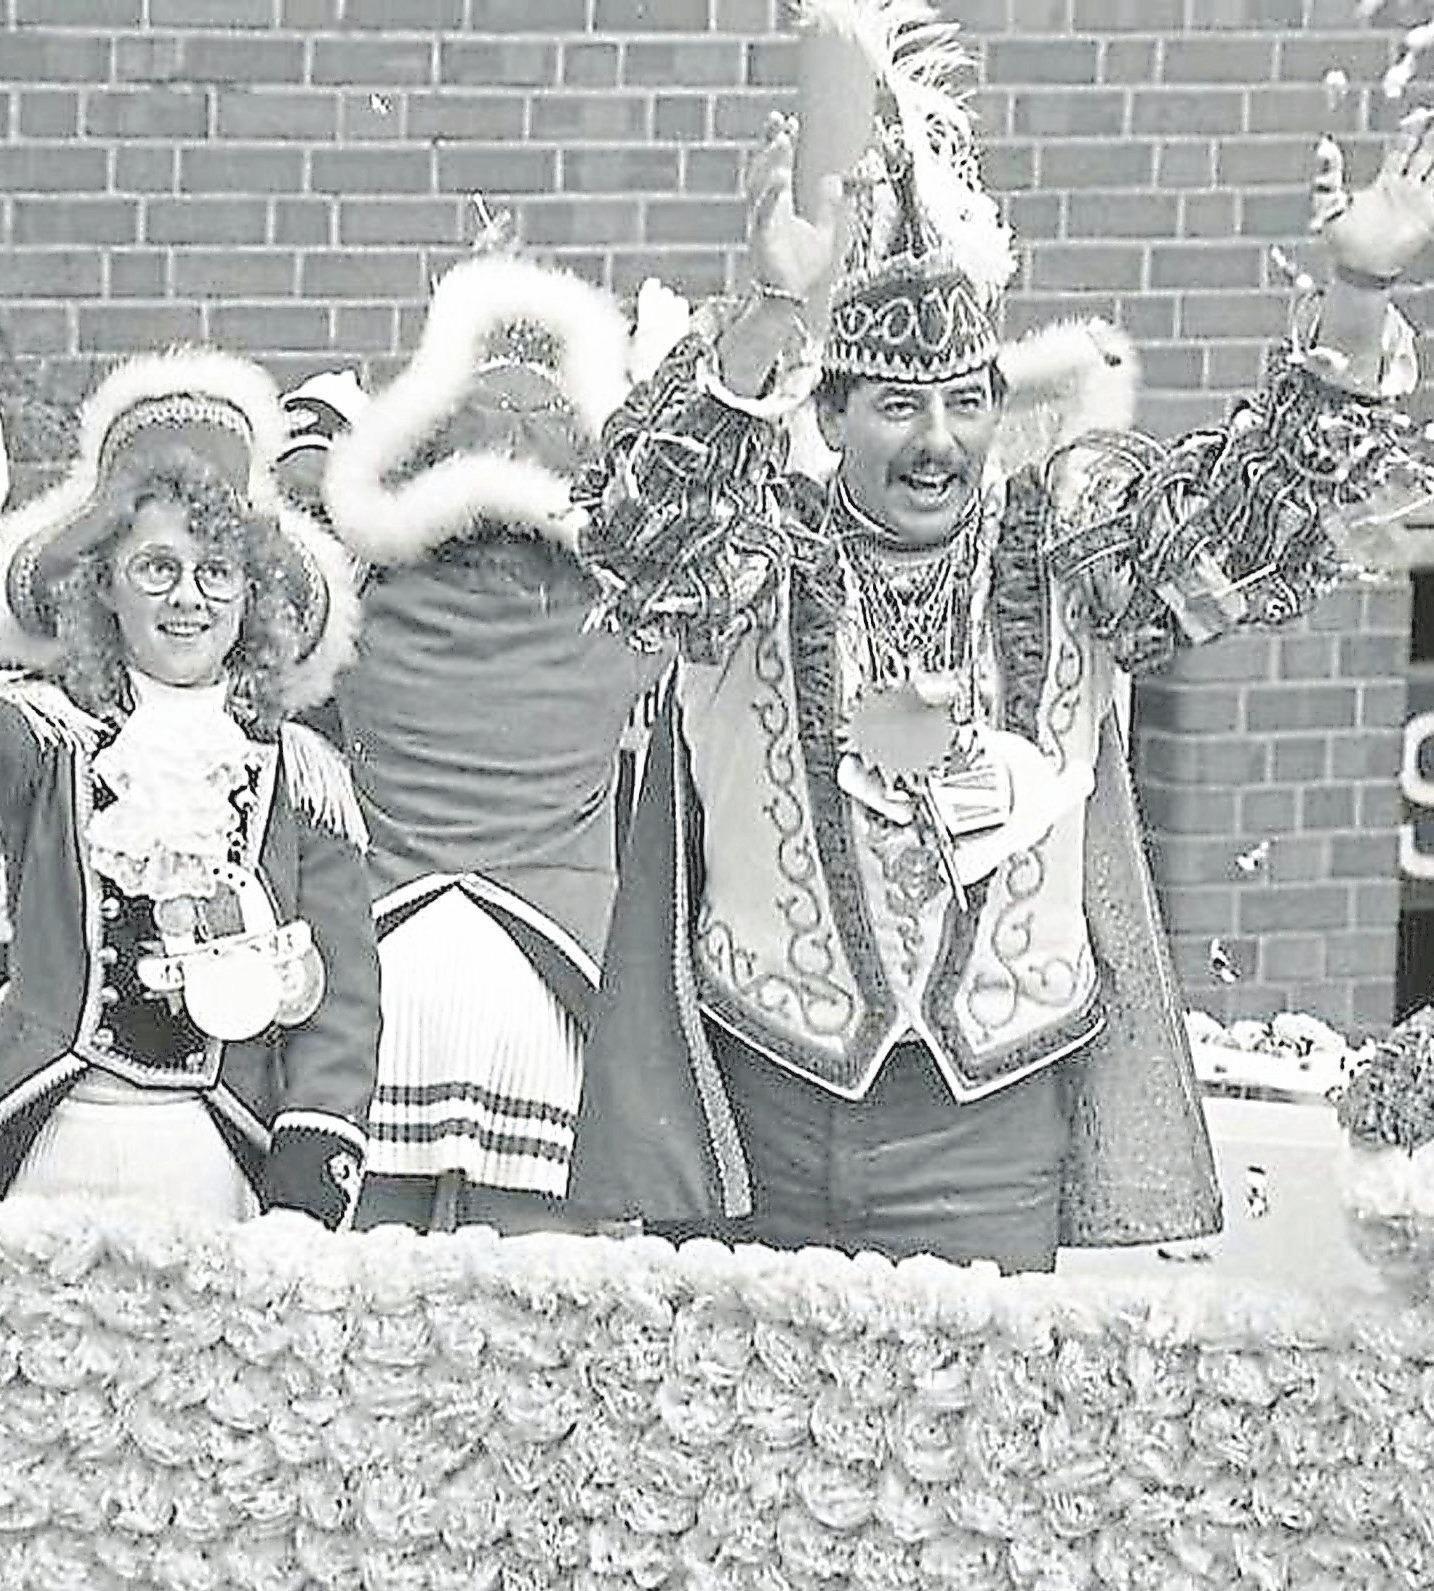 Der jetzige Präsident Uwe Wuttke regierte 1993 mit Ehefrau Karin die Narren in Sendenhorst.